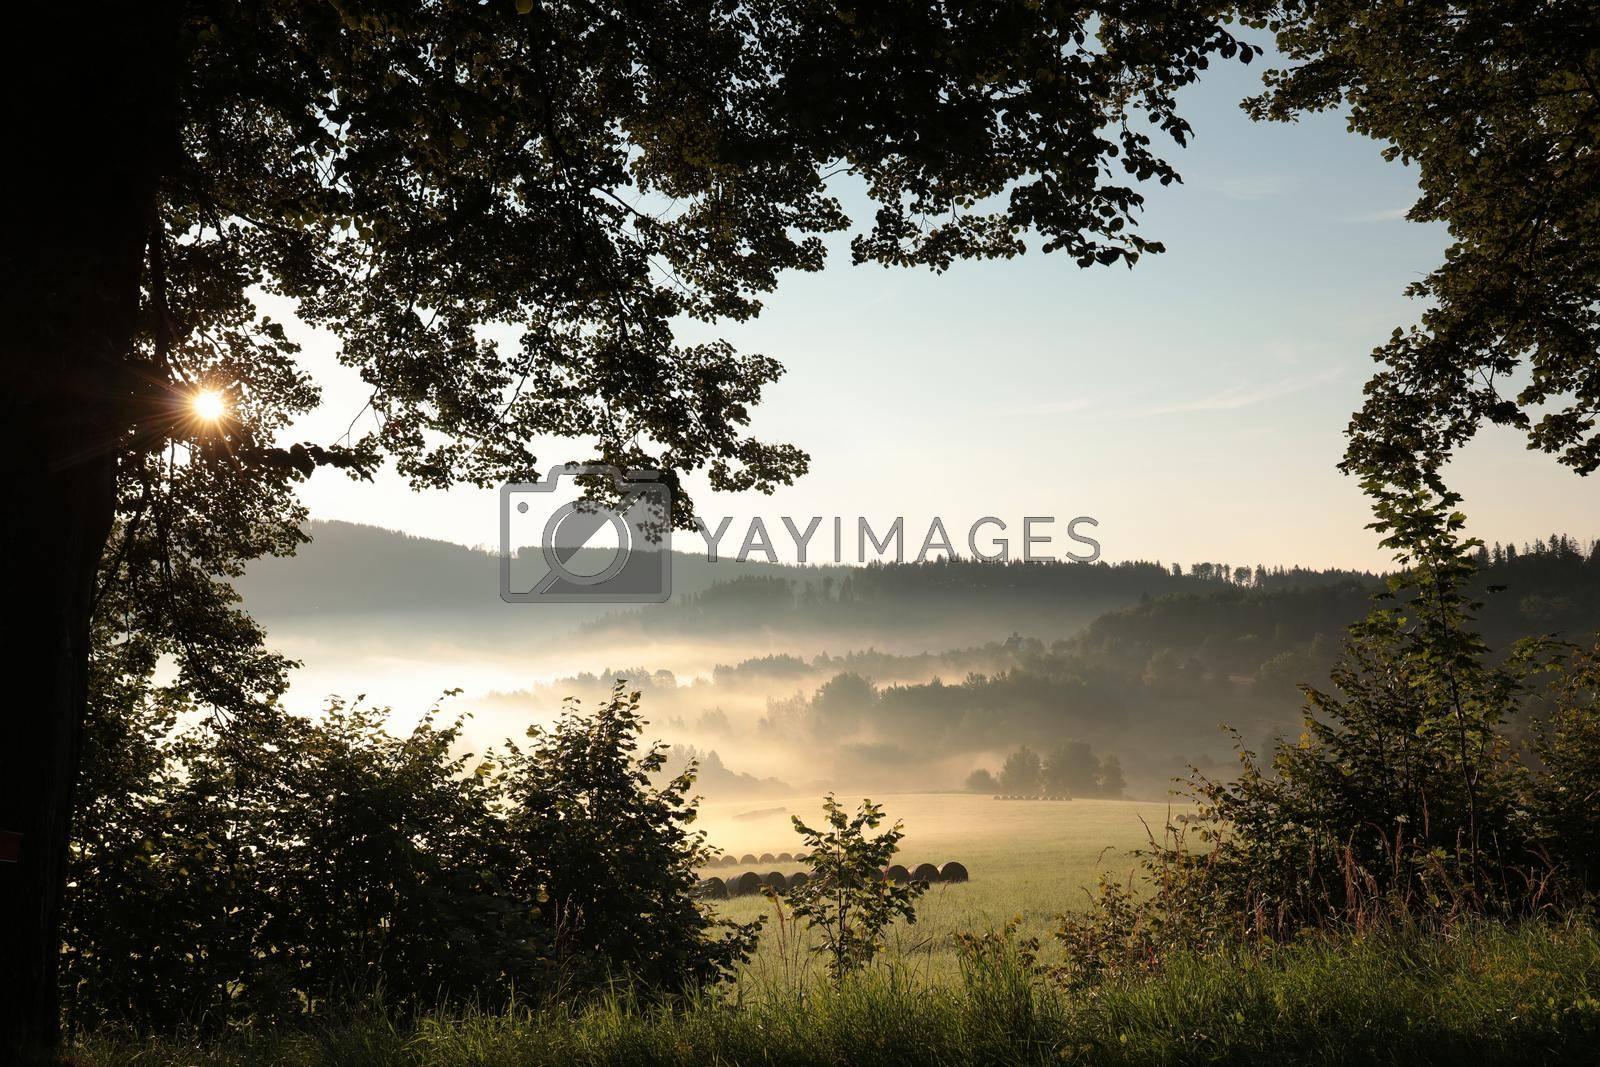 Rural landscape on a misty summer morning.